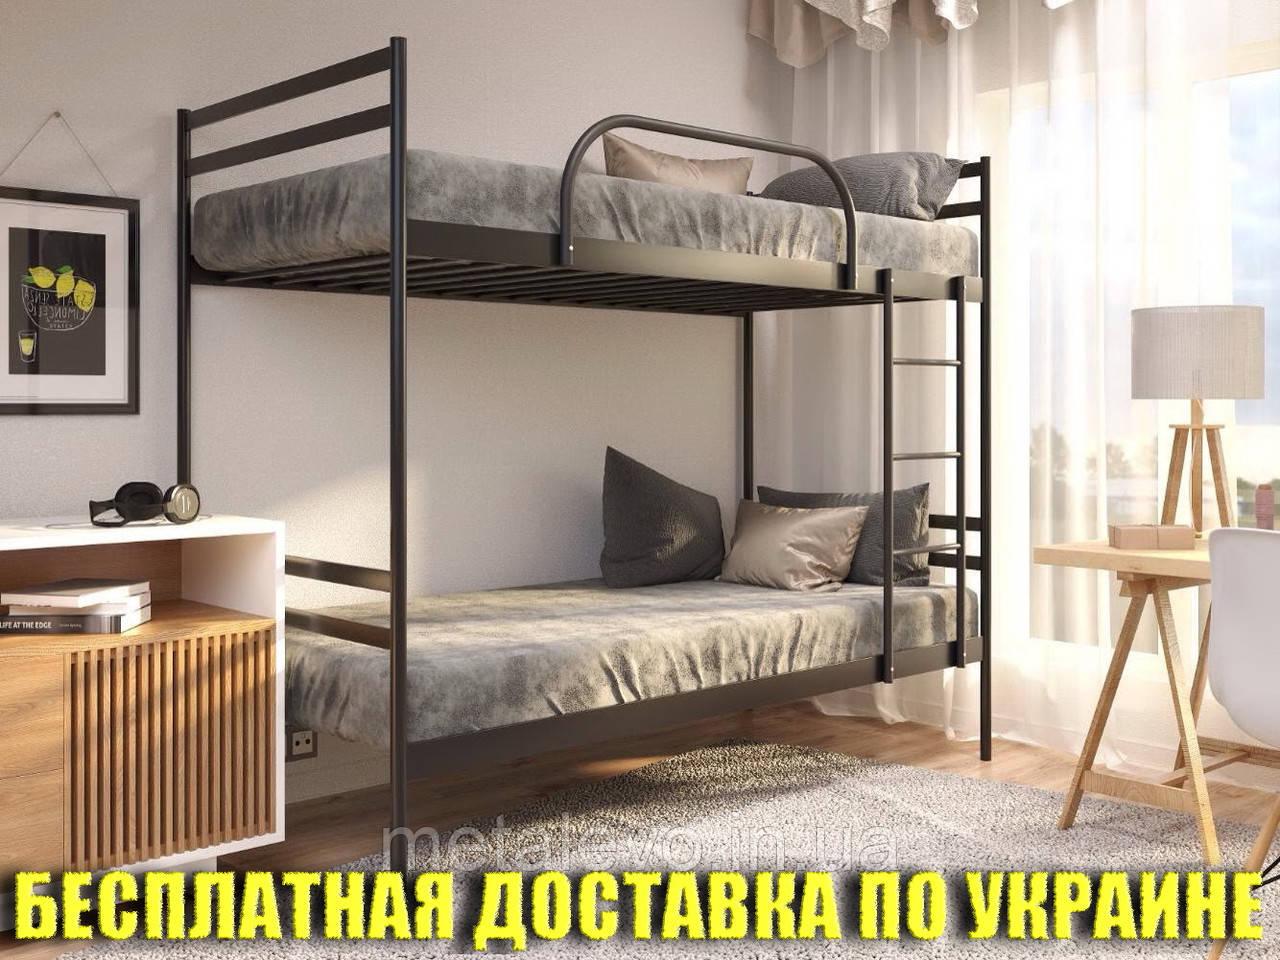 Двухъярусная металлическая кровать КОМФОРТ ДУО (COMFORT DUO)  ТМ Метакам